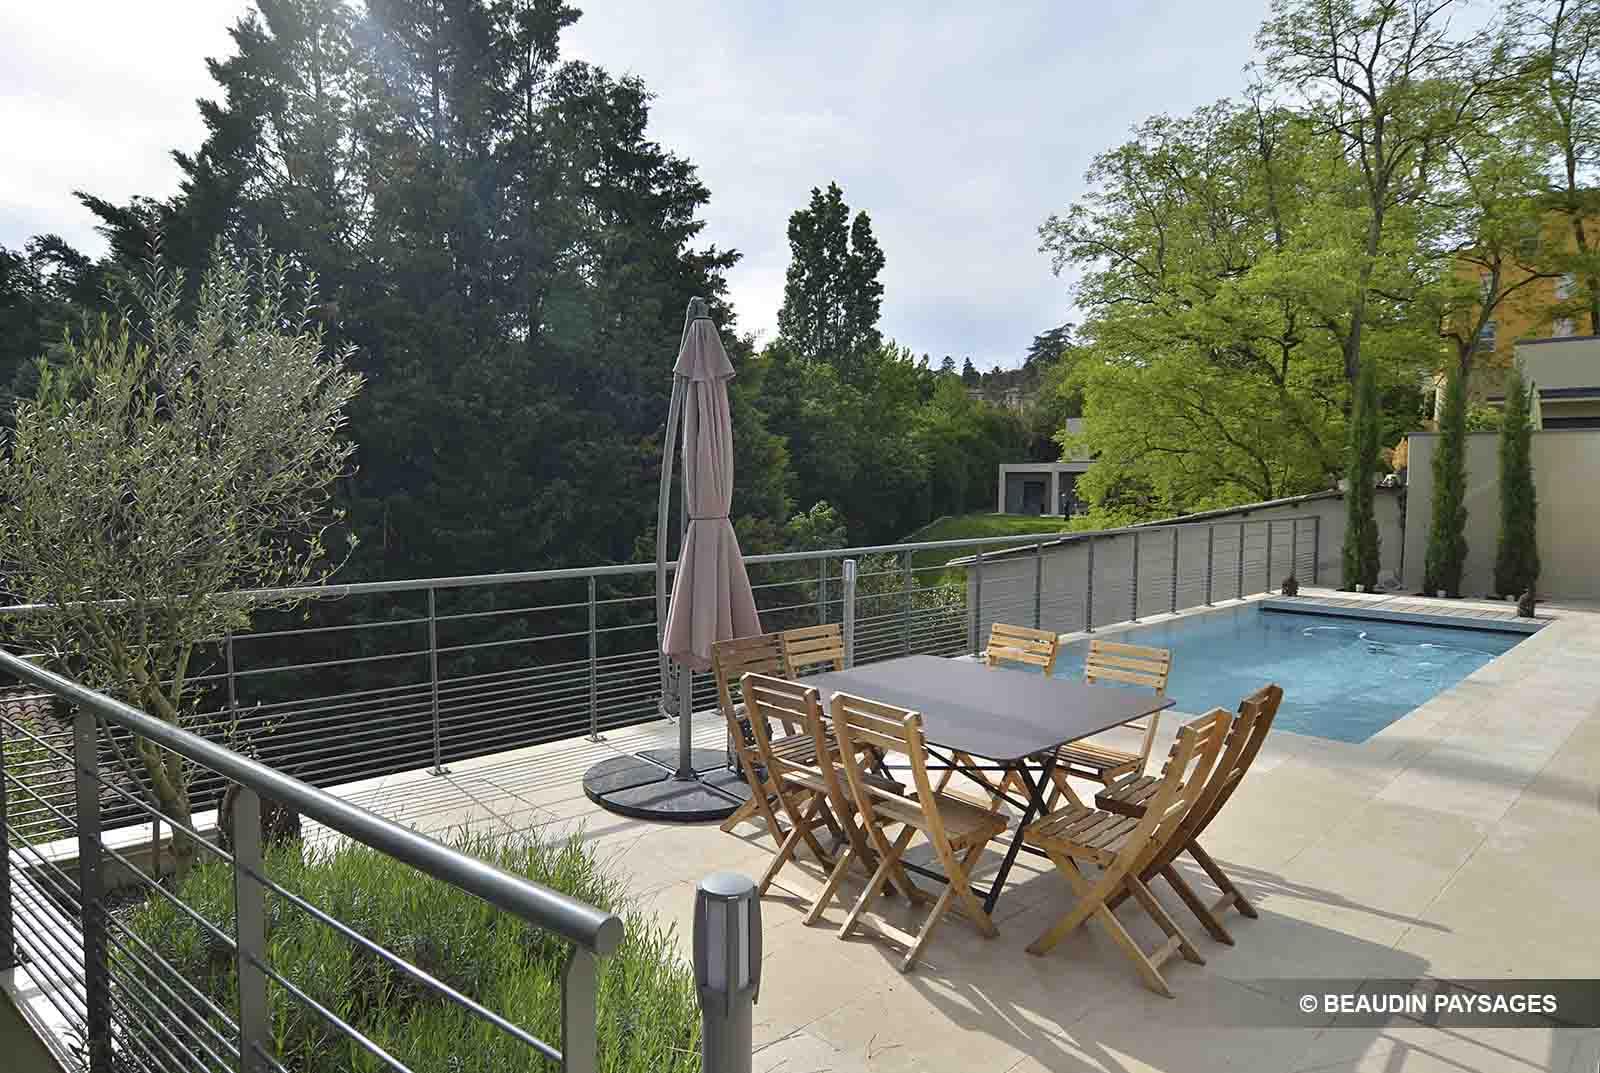 Paysagiste lyon ouest am nagement espaces verts beaudin for Espace vert lyon